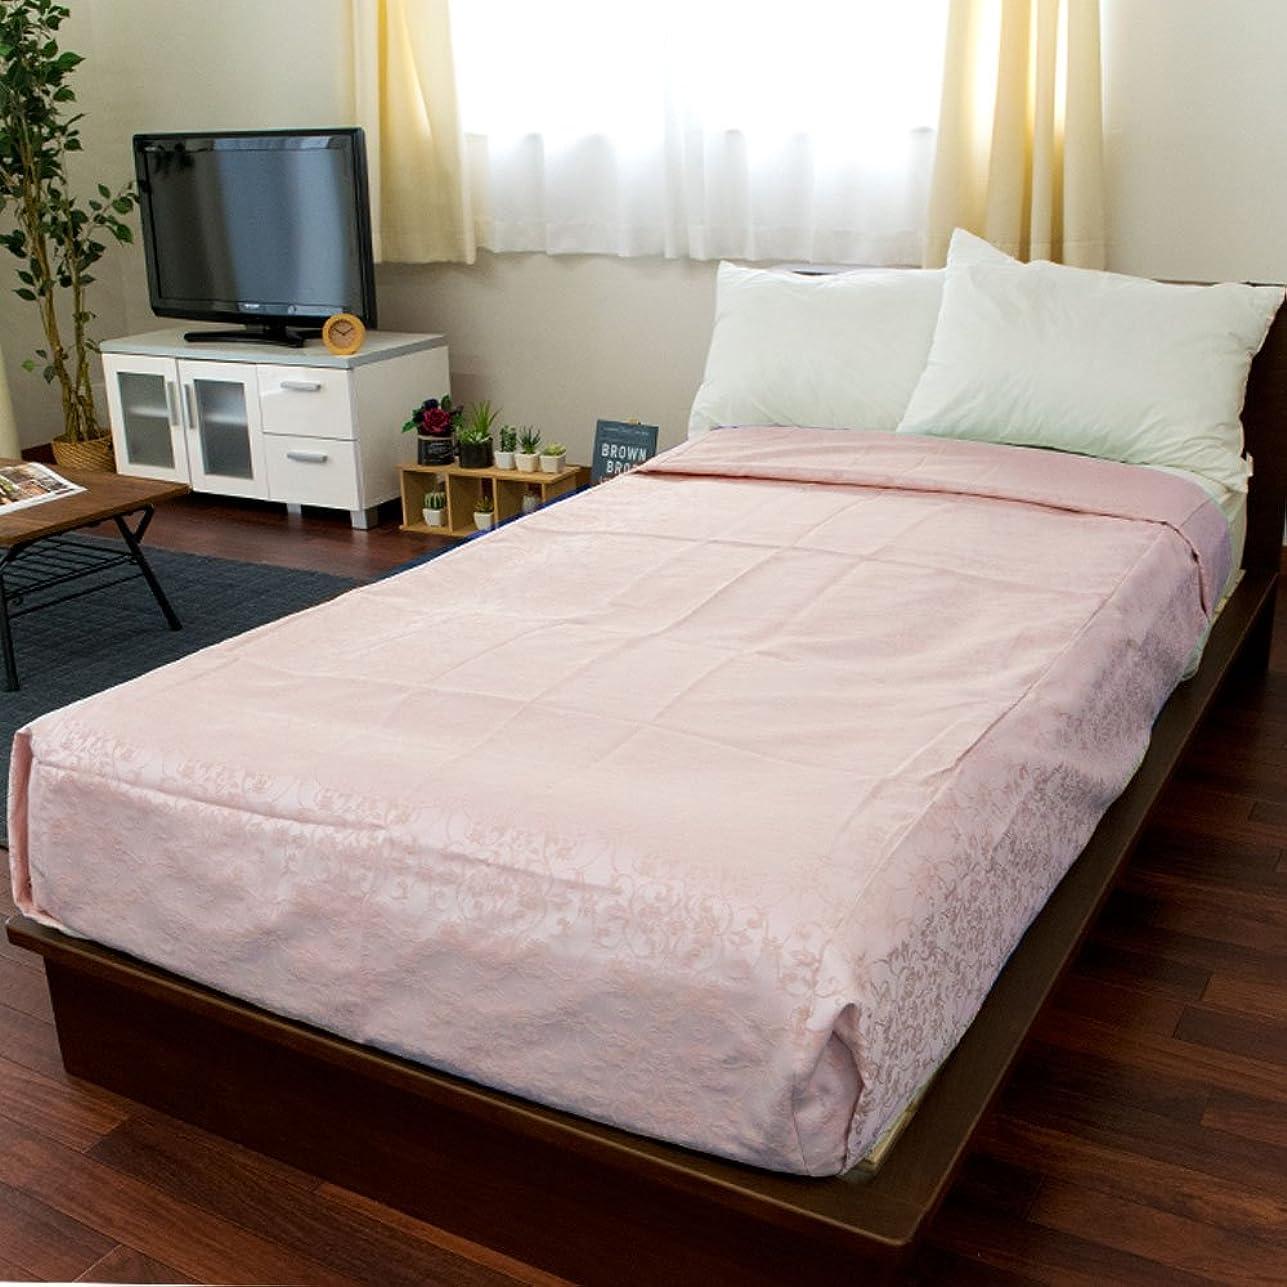 あさり浴神昭和西川 ベッドスプレッド ベッドカバー ダブル 「フラワーラティス」 ピンク 日本製 ホテル ベッドメイク マットレス カバー 約200×260cm